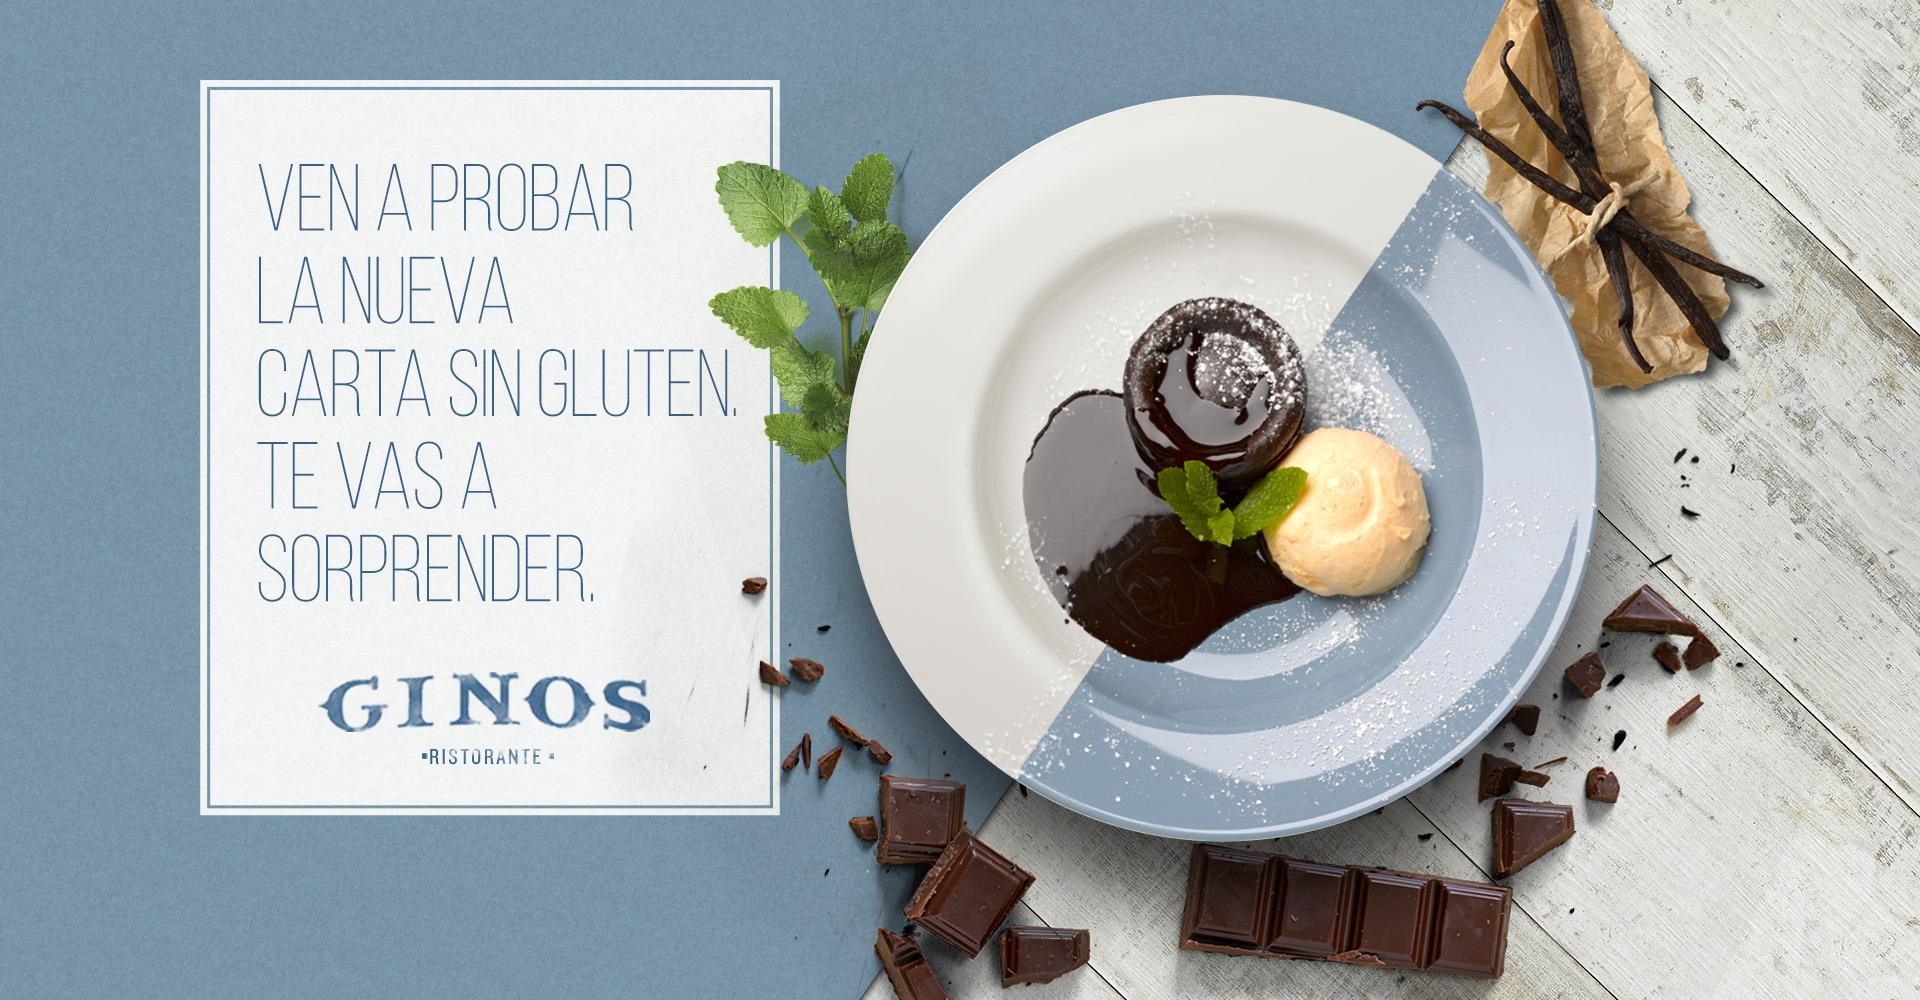 ElTenedor - Atraer clientes celíacos al restaurante - Ginos